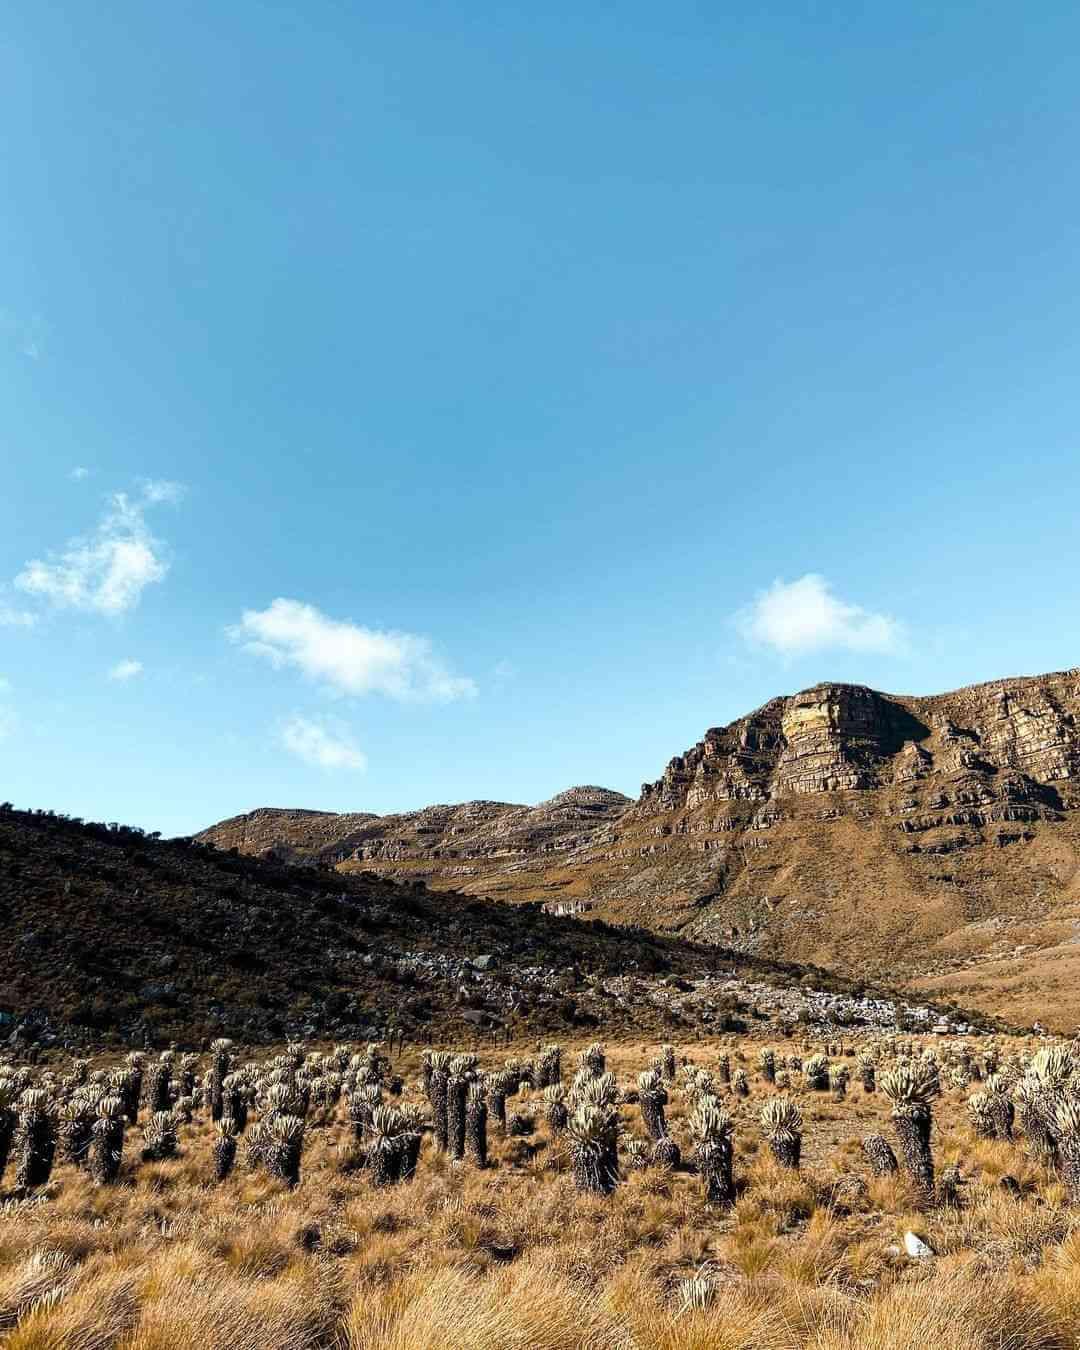 Valle de Frailejones Nevado del Cocuy